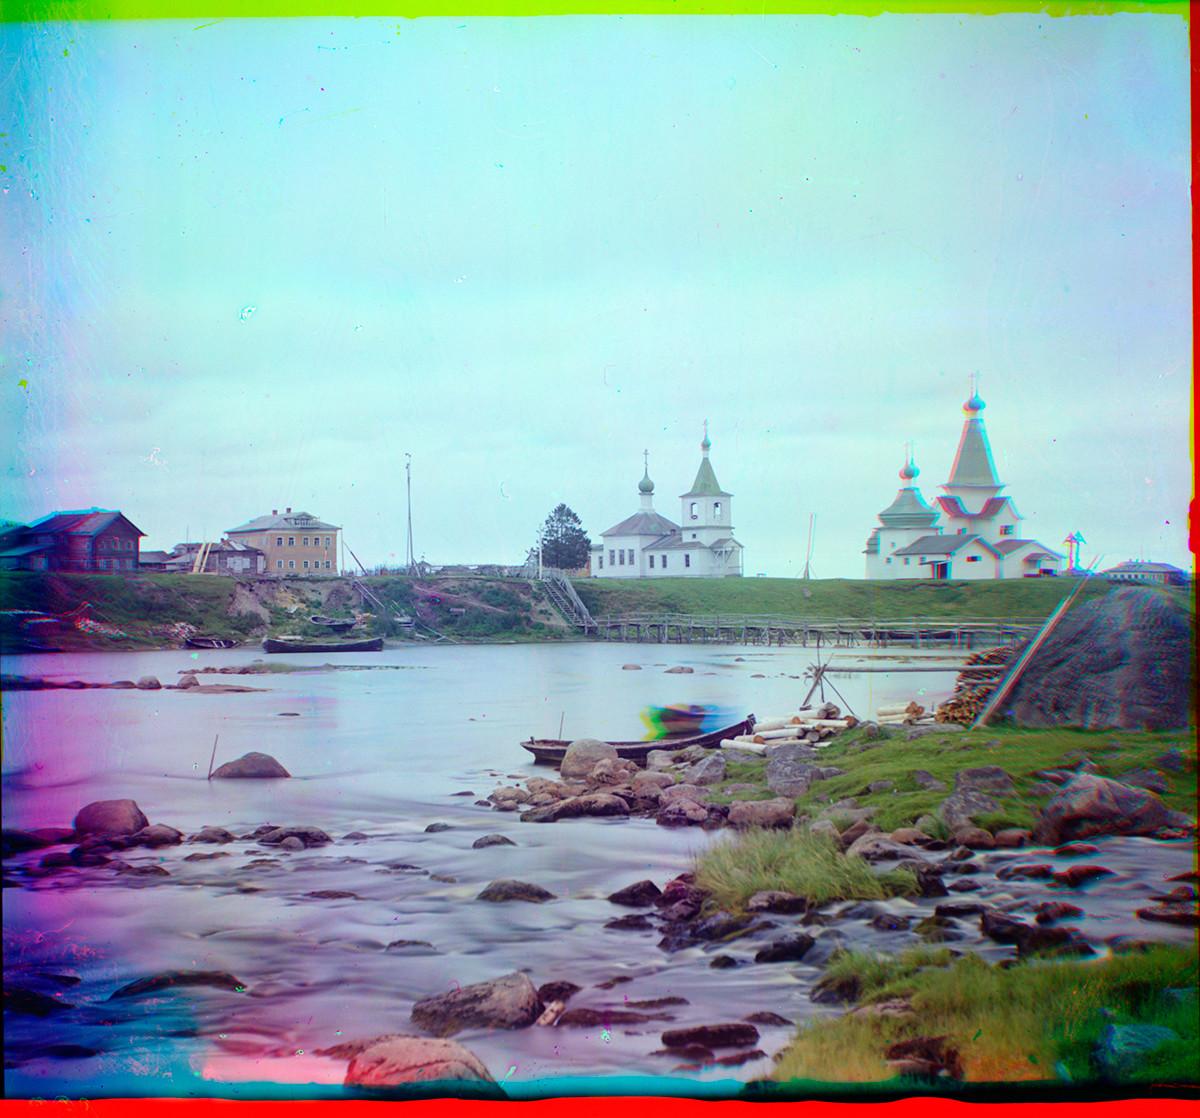 Shuyerétskoie. Vista del río Shuya con la iglesia de madera de San Clemente (centro), la iglesia de San Paraskeva y la iglesia de San Nicolás. La mancha en el bote es una persona que se mueve durante las tres exposiciones necesarias del proceso de color. Verano de 1916